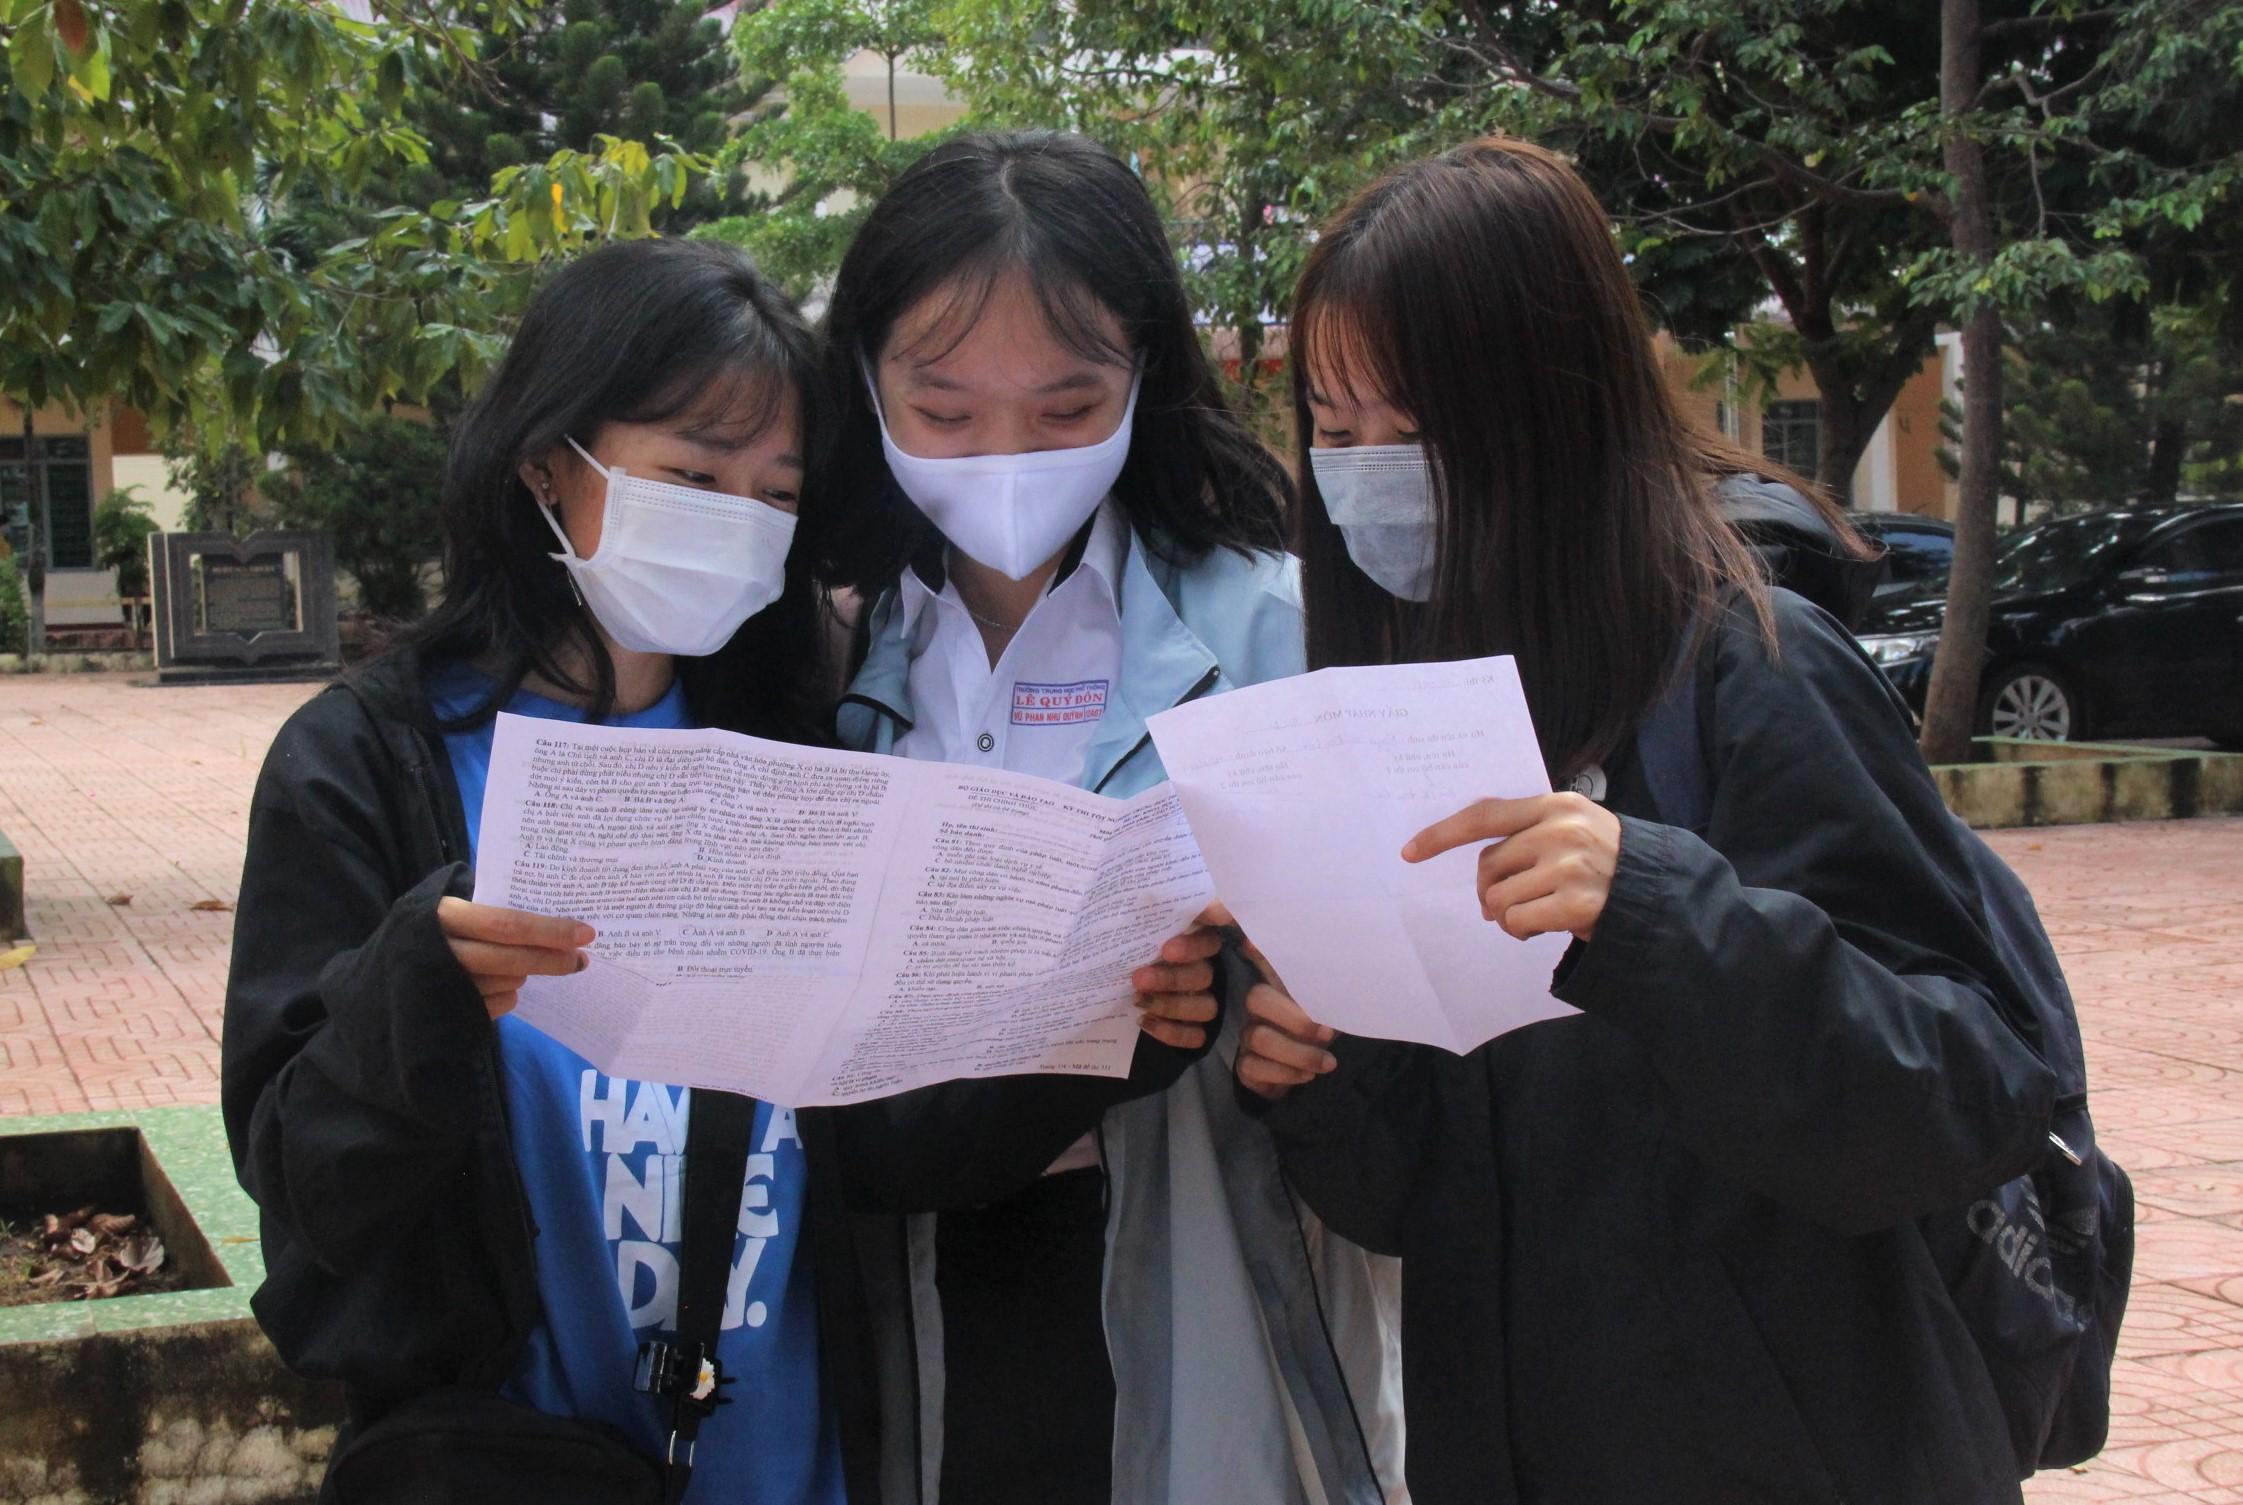 Đợt 2 Kỳ thi tốt nghiệp THPT năm 2020 diễn ra an toàn, nghiêm túc, đúng quy chế